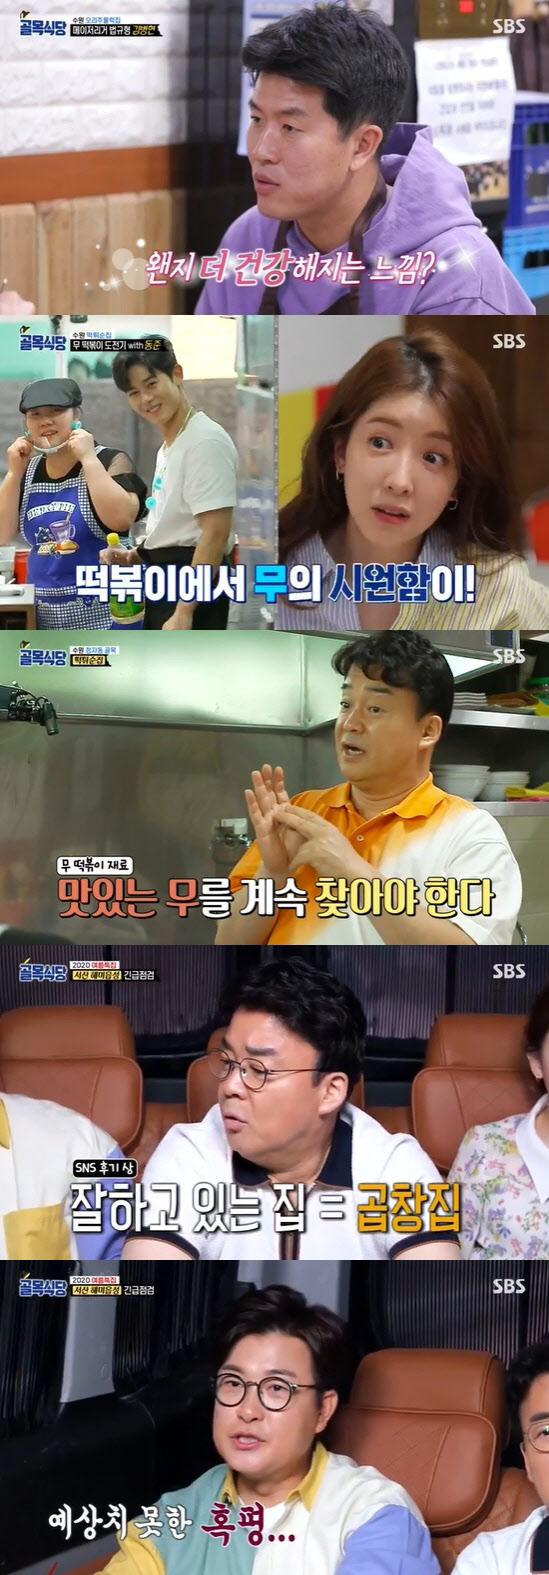 """'골목식당' 맛·태도 변한 서산 돼지찌개…백종원 """"장사 하지 말아야"""" 일침"""